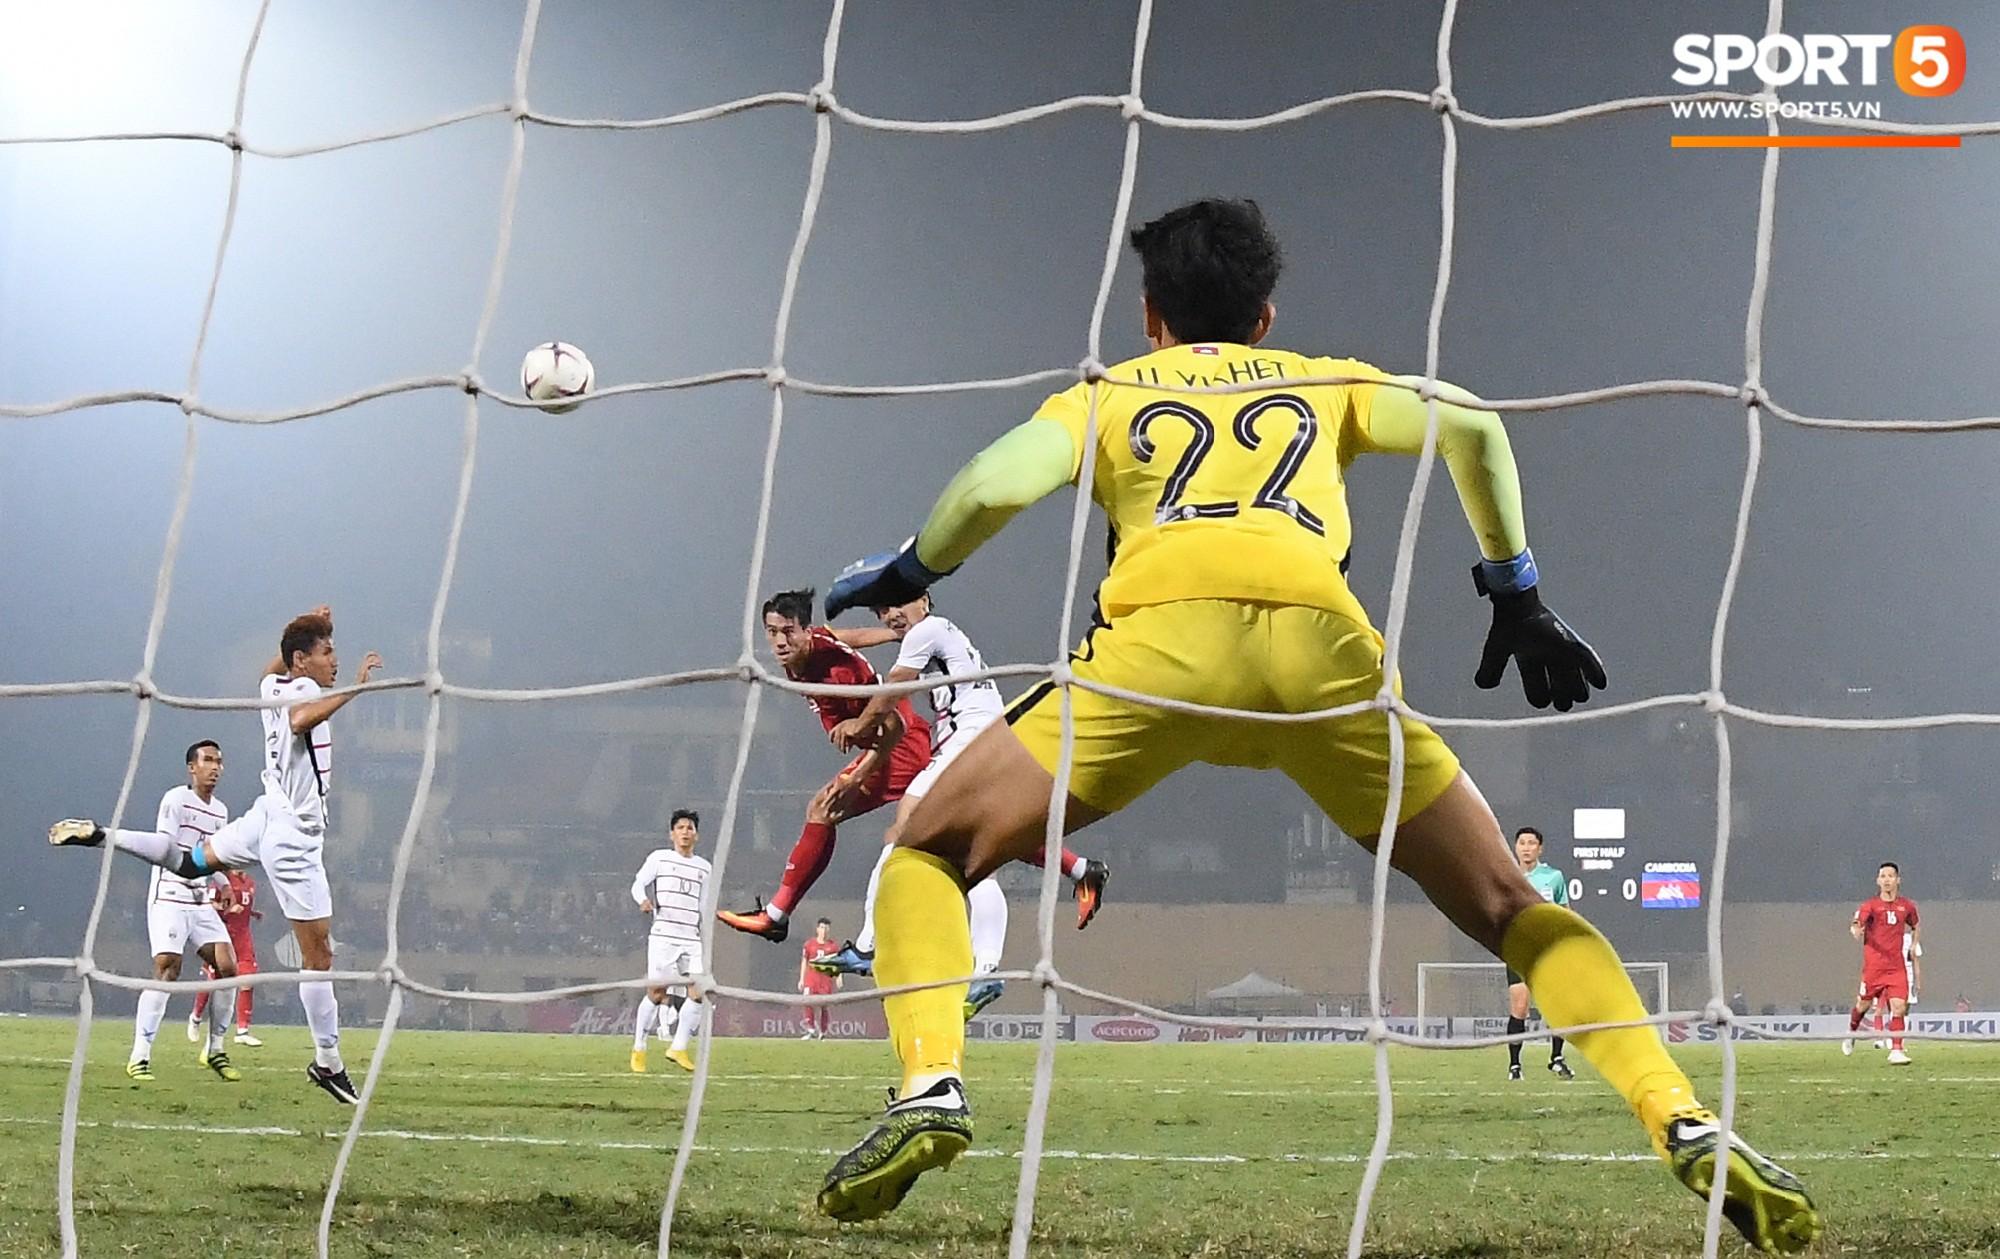 Hành trình kỳ diệu của bóng đá Việt Nam trong năm 2018 qua ảnh-12